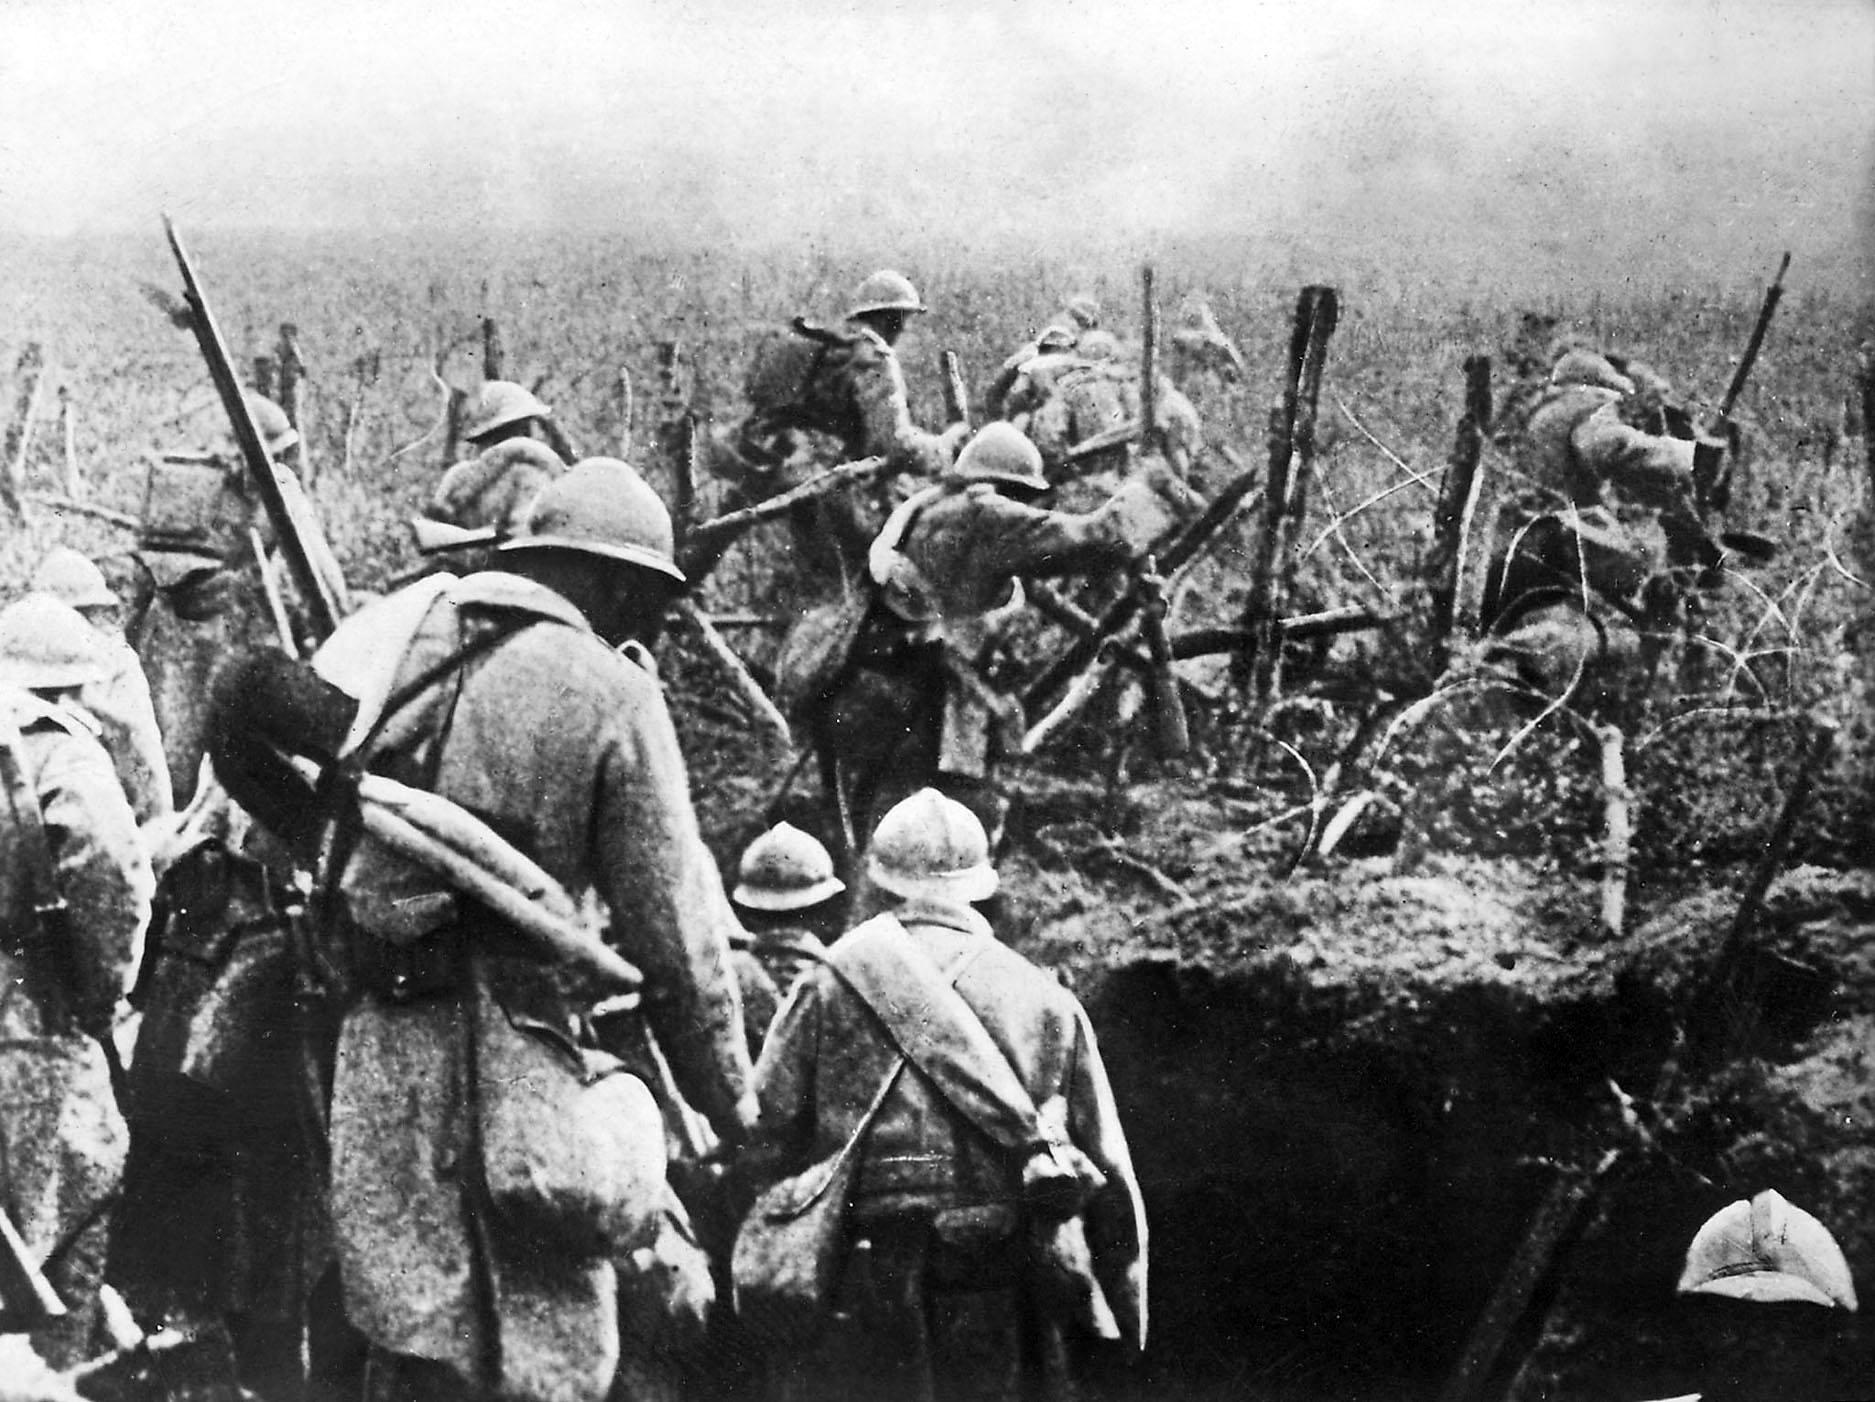 Soldats français à l'assaut sortent de leur tranchée pendant la bataille de Verdun, 1916.